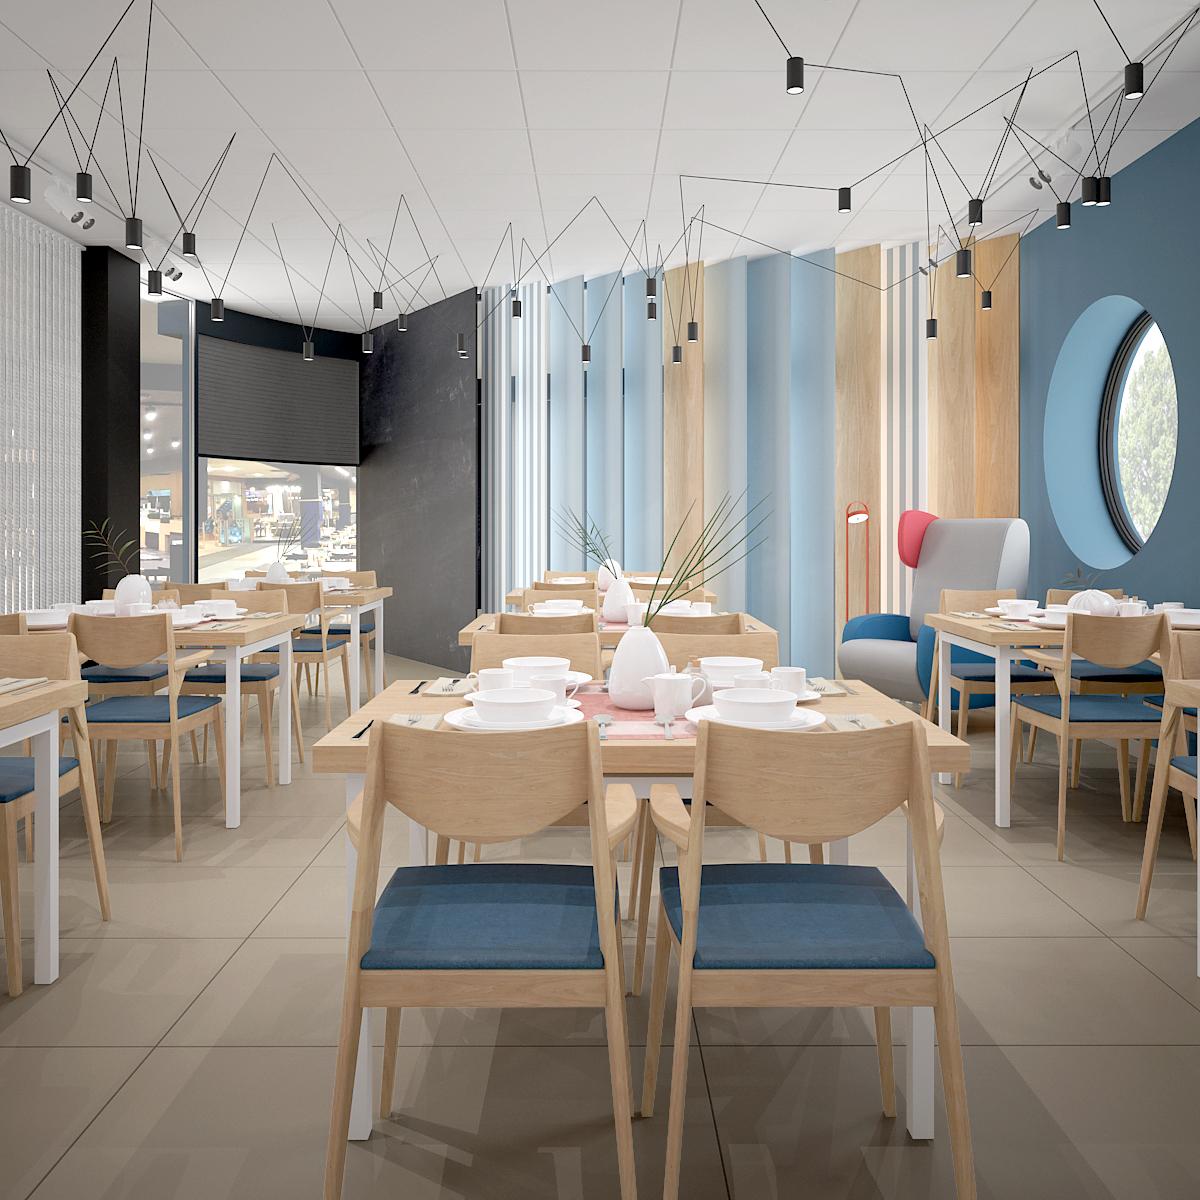 1 aranzacja wnetrza 464 sala restauracyjna krakow drewniane stoly drewniane krzesla z tapicerowanymi siedziskami kolorowe azurowe panele na scianie okragle okno